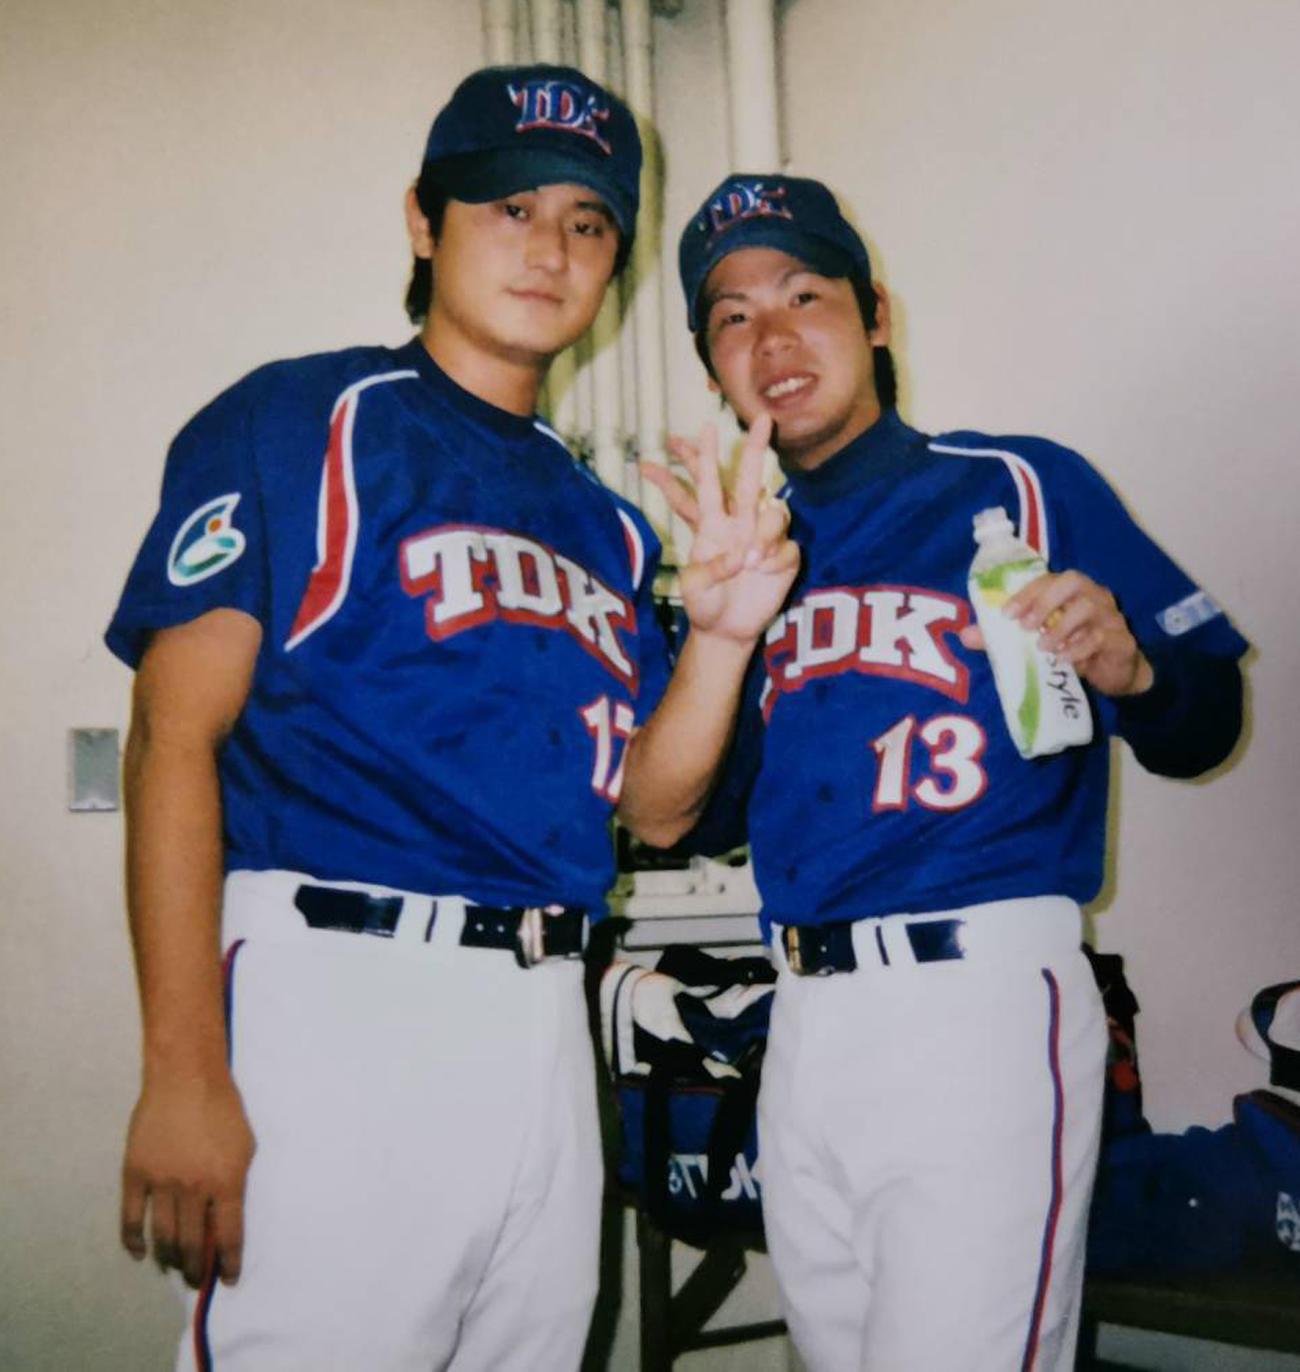 TDK時代の津口竜一さん(左)と藤田剛士さん